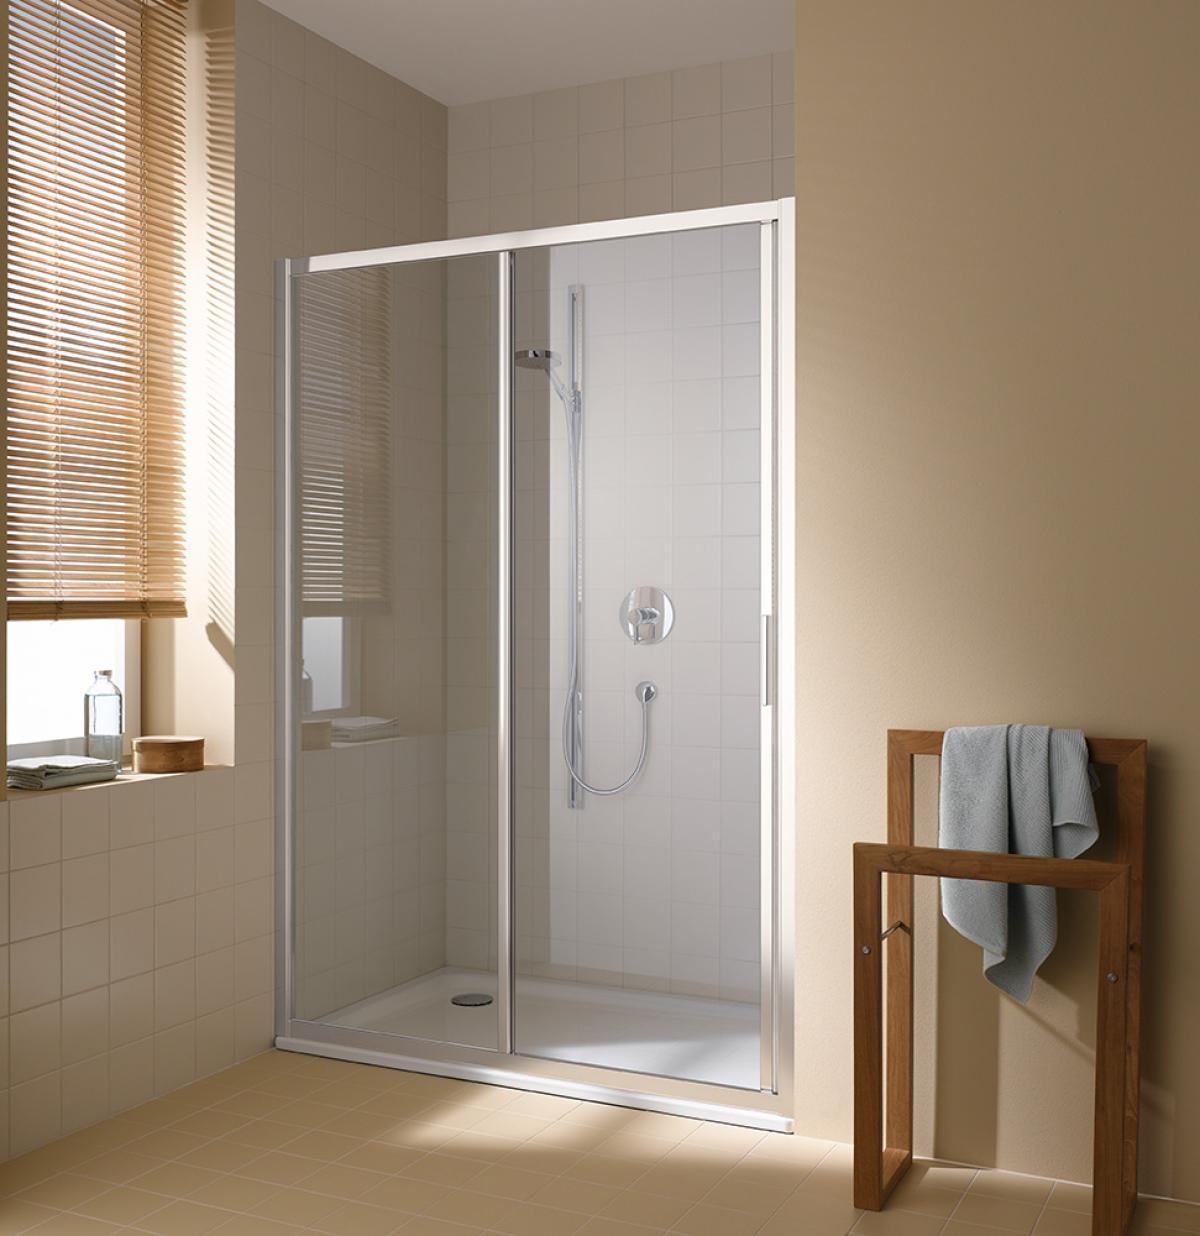 porte coulissante de douche cadax s kermi induscabel salle de bains chauffage et cuisine. Black Bedroom Furniture Sets. Home Design Ideas